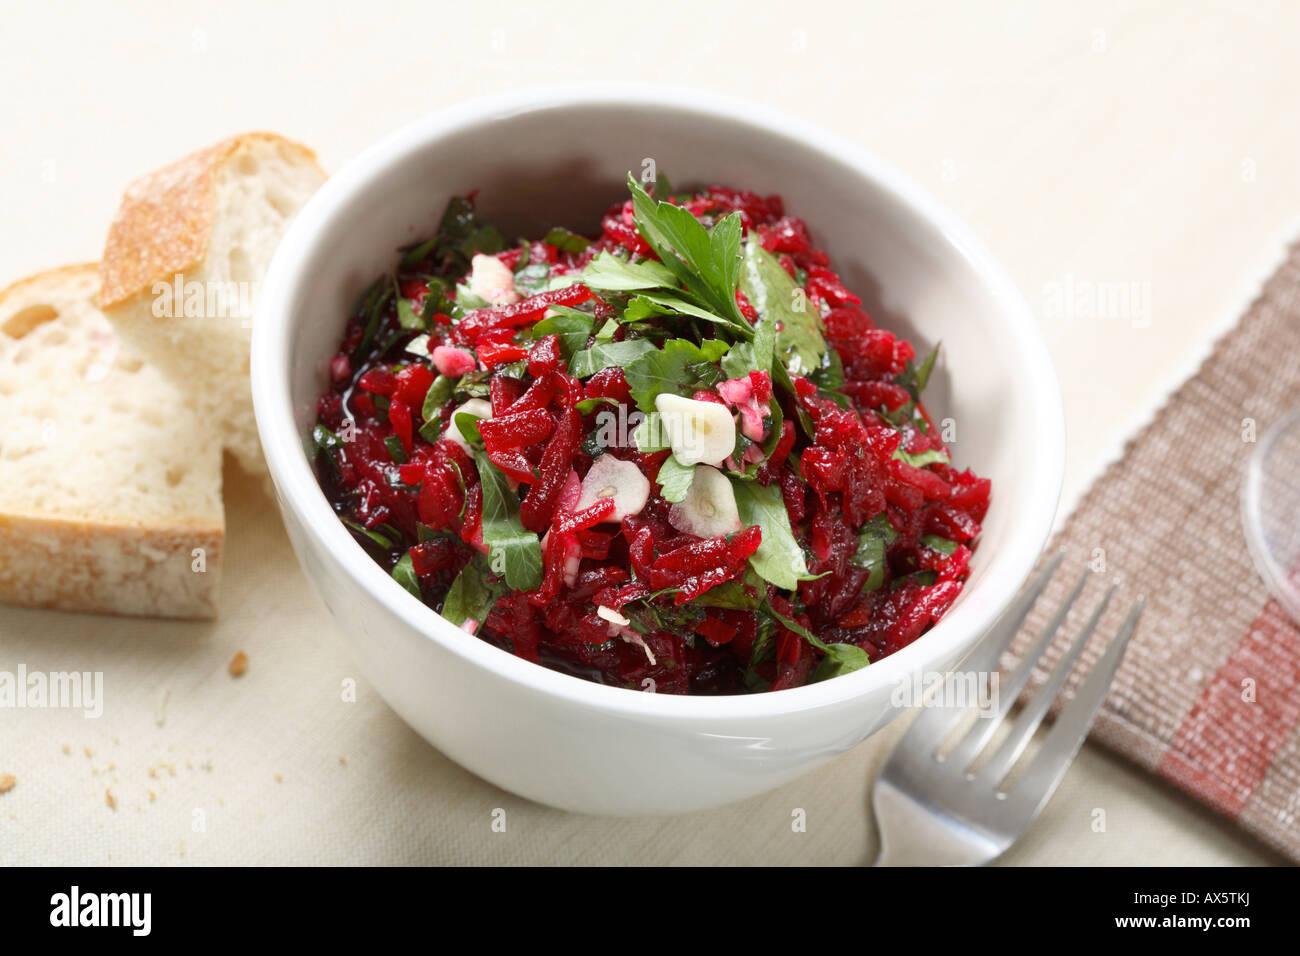 Rote Beete Salat Mit Knoblauch Und Petersilie Stockfoto Bild